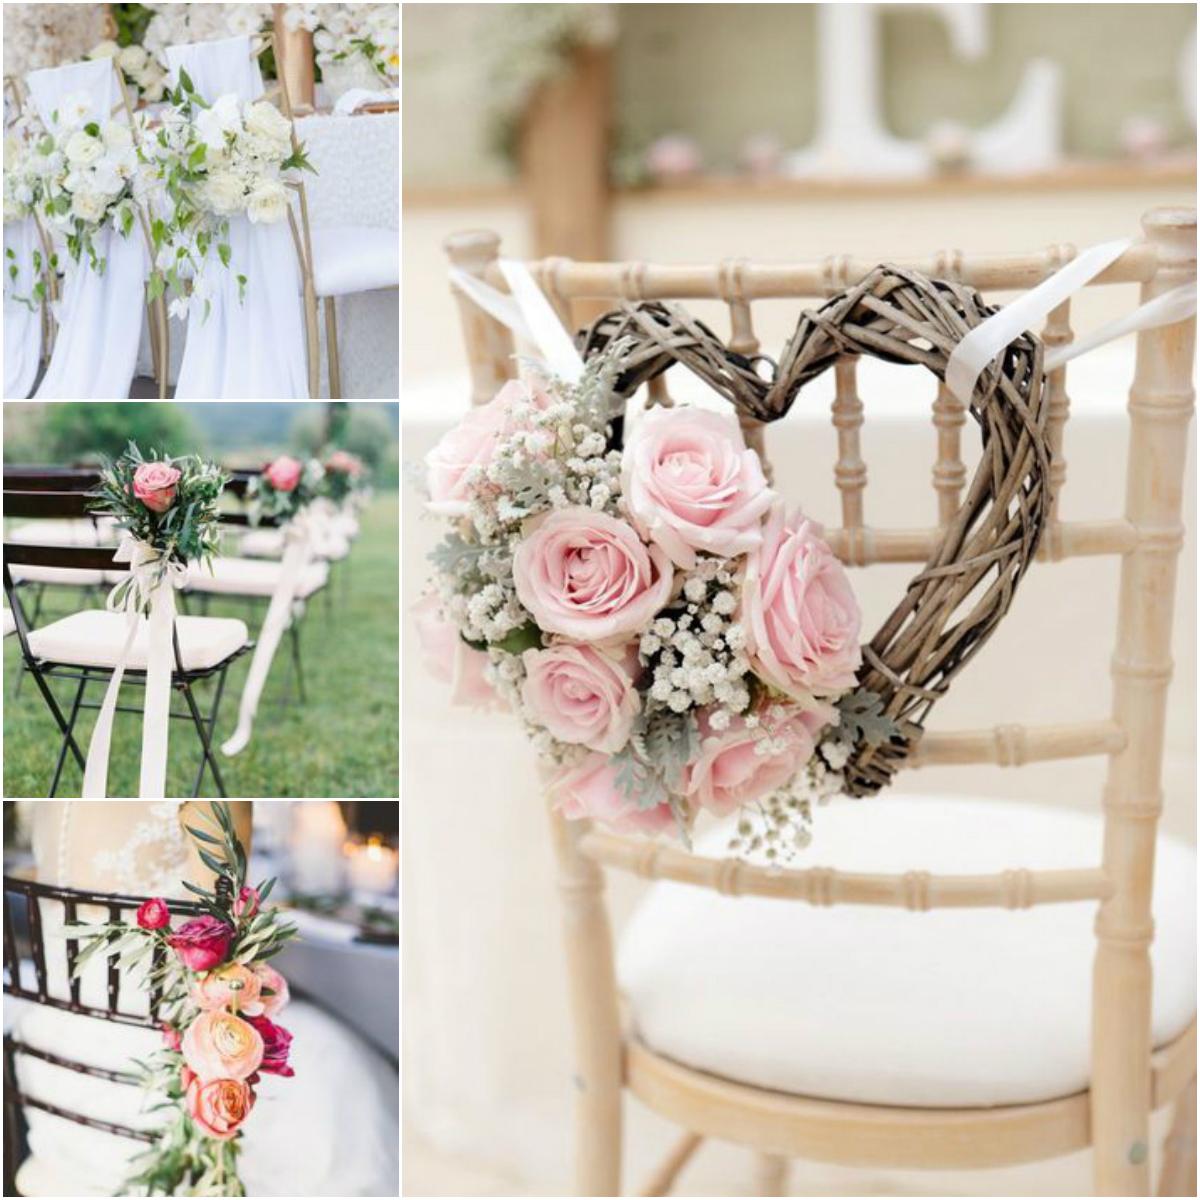 Extreem bloemen decoratie bruiloft op 87 blessingbox for Bloemen decoratie